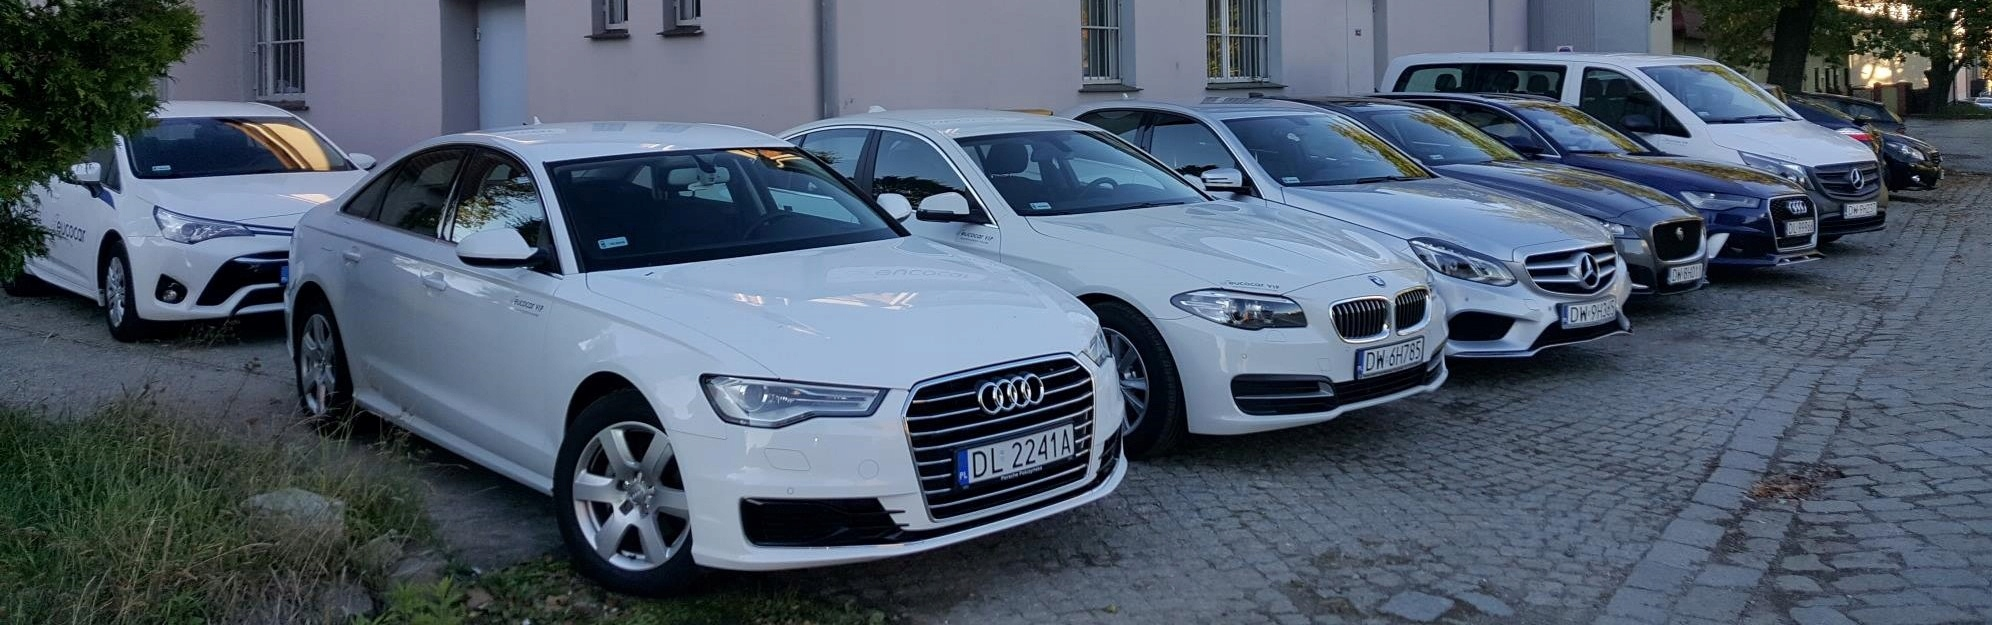 Audi A6 C7-wynajem prywatny lub OC sprawcy